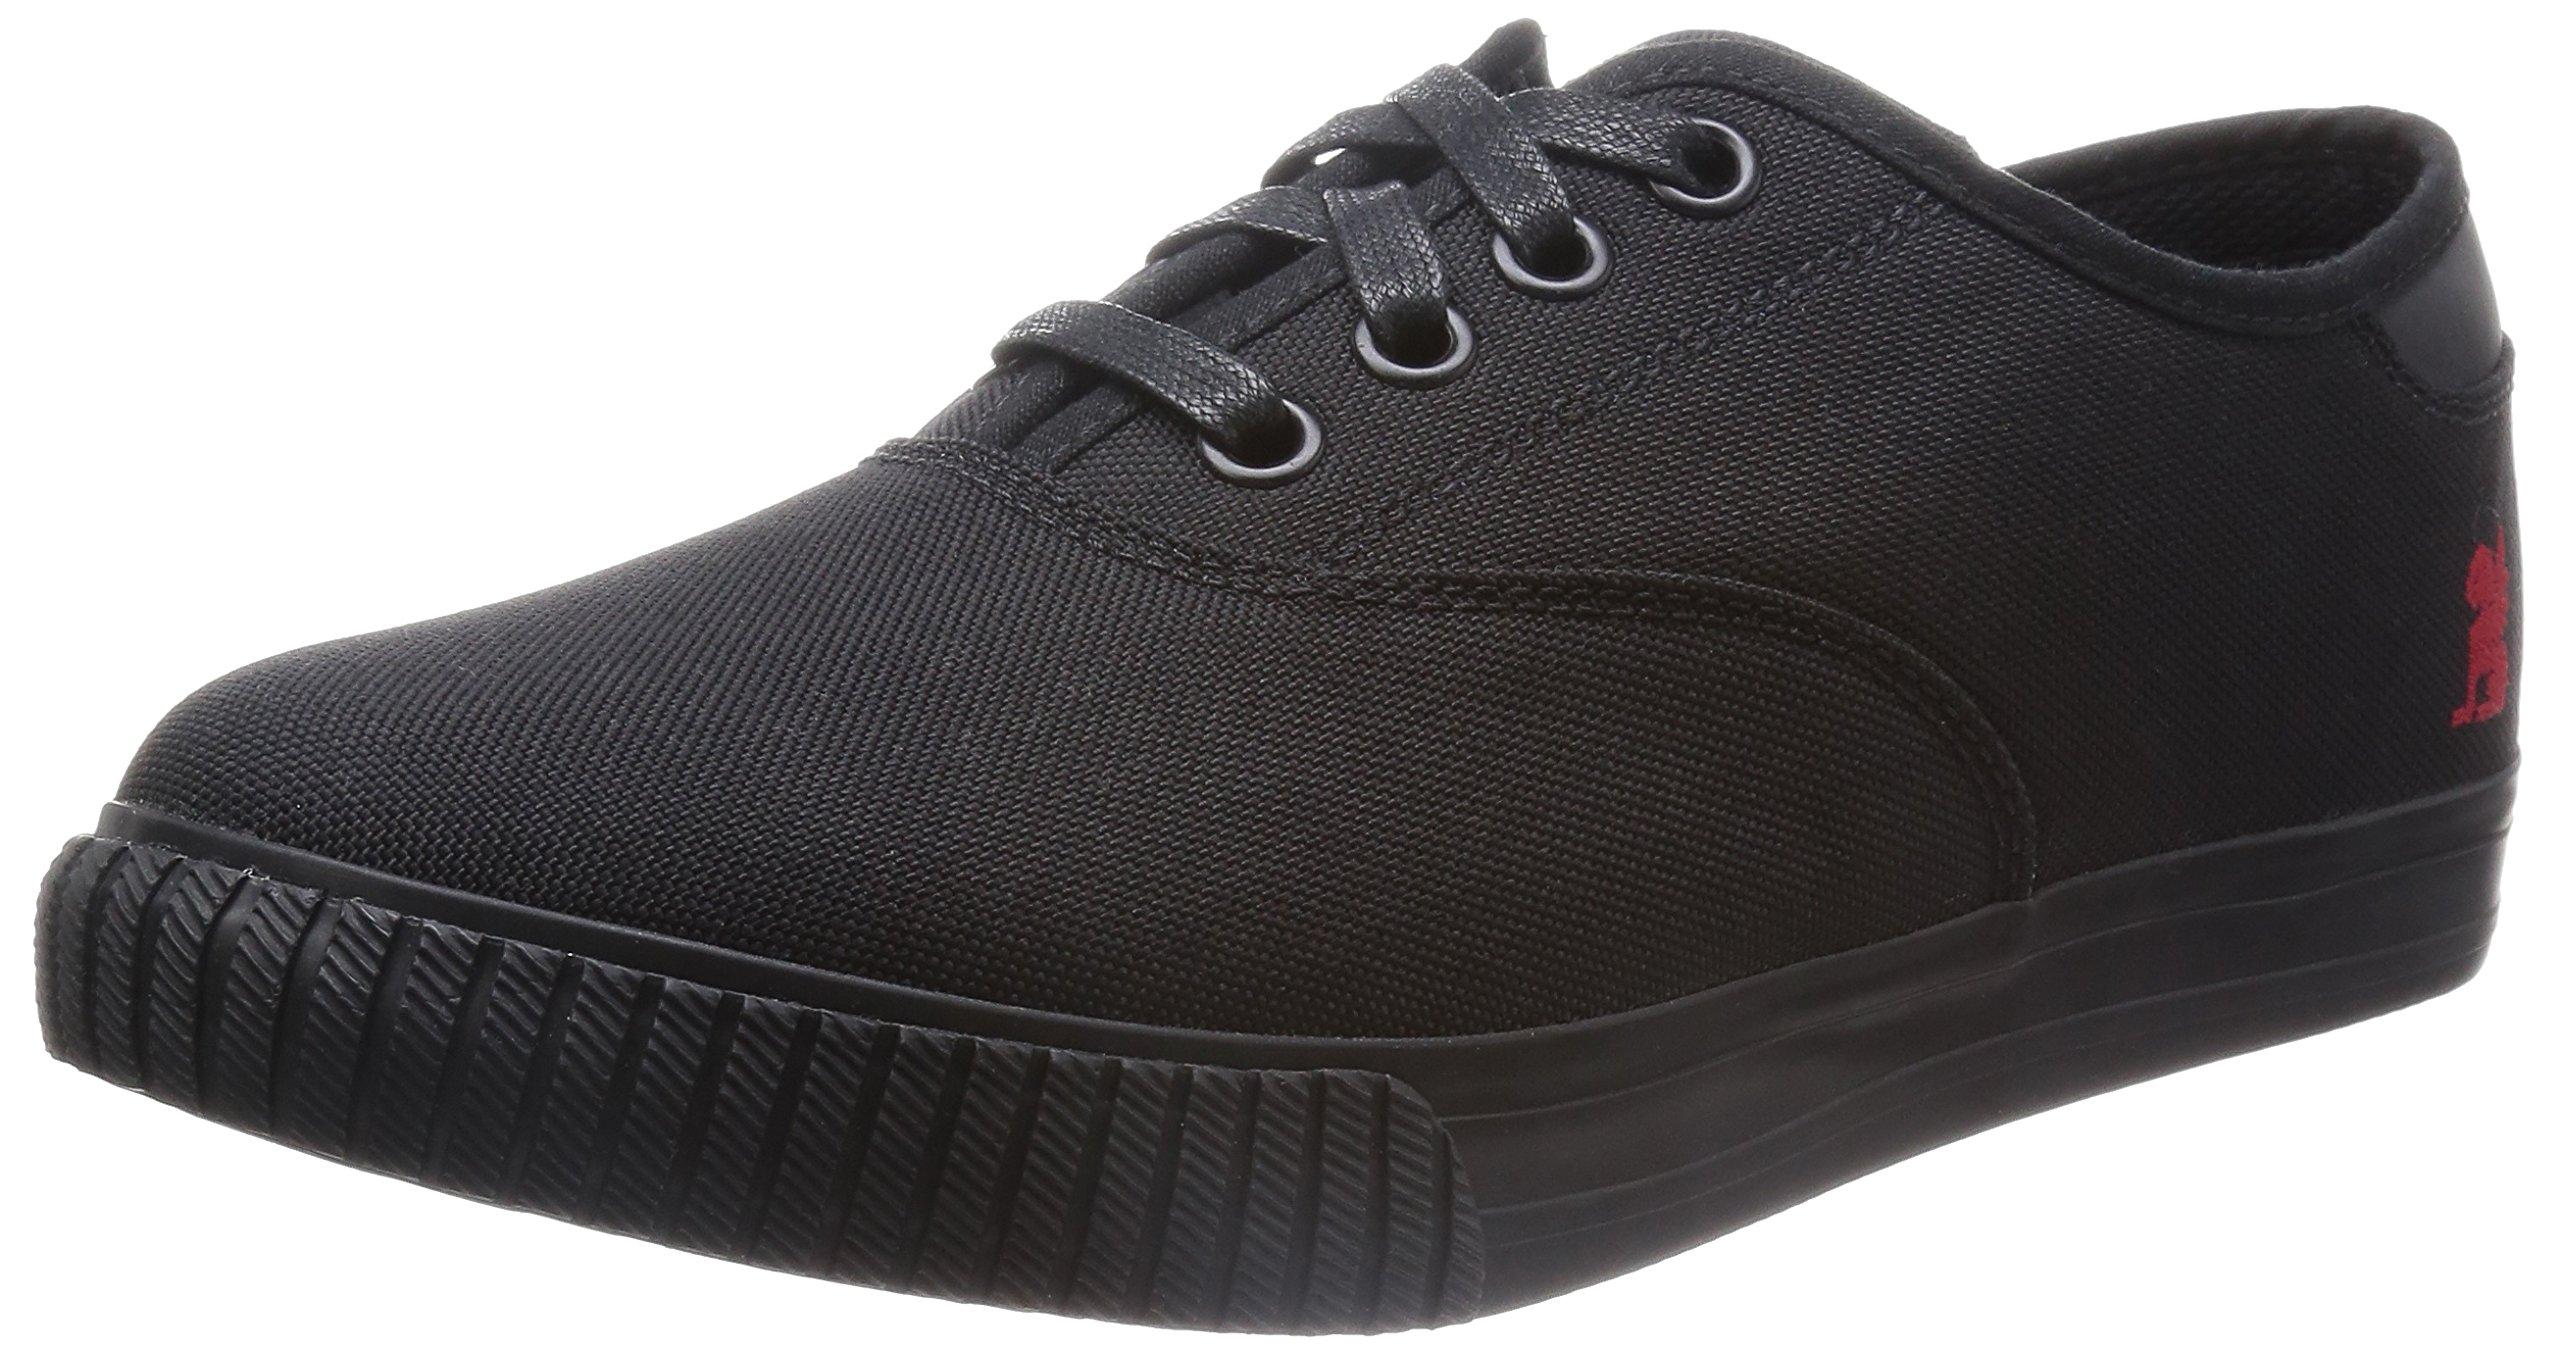 Chrome Unisex Truk Pro Black/Black Sneaker Men's 7, Women's 8.5 Medium